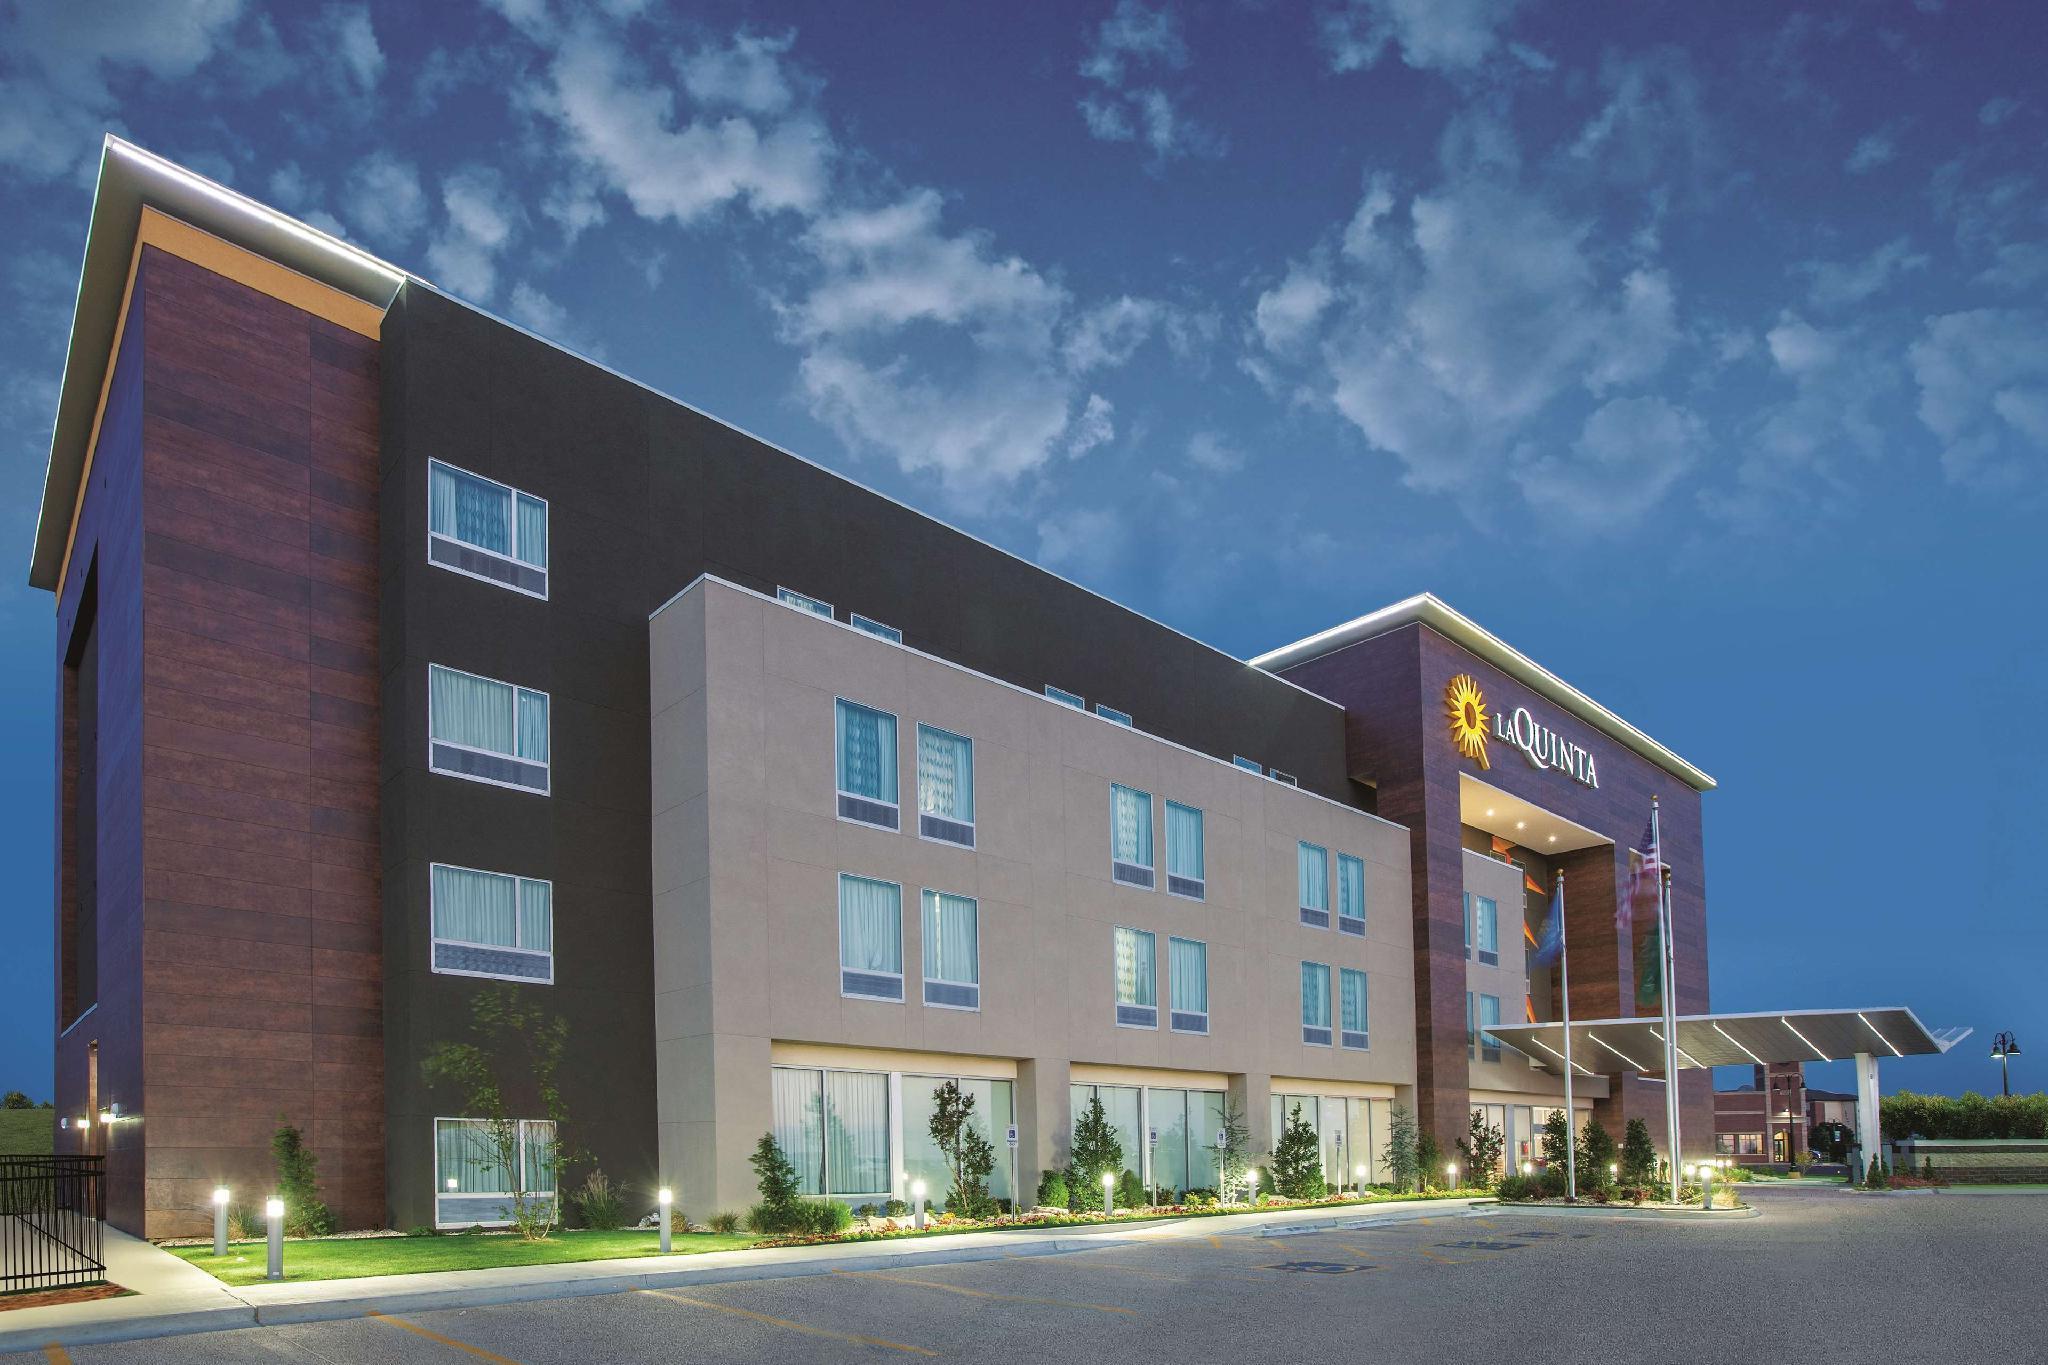 La Quinta Inn And Suites By Wyndham Tulsa Broken Arrow